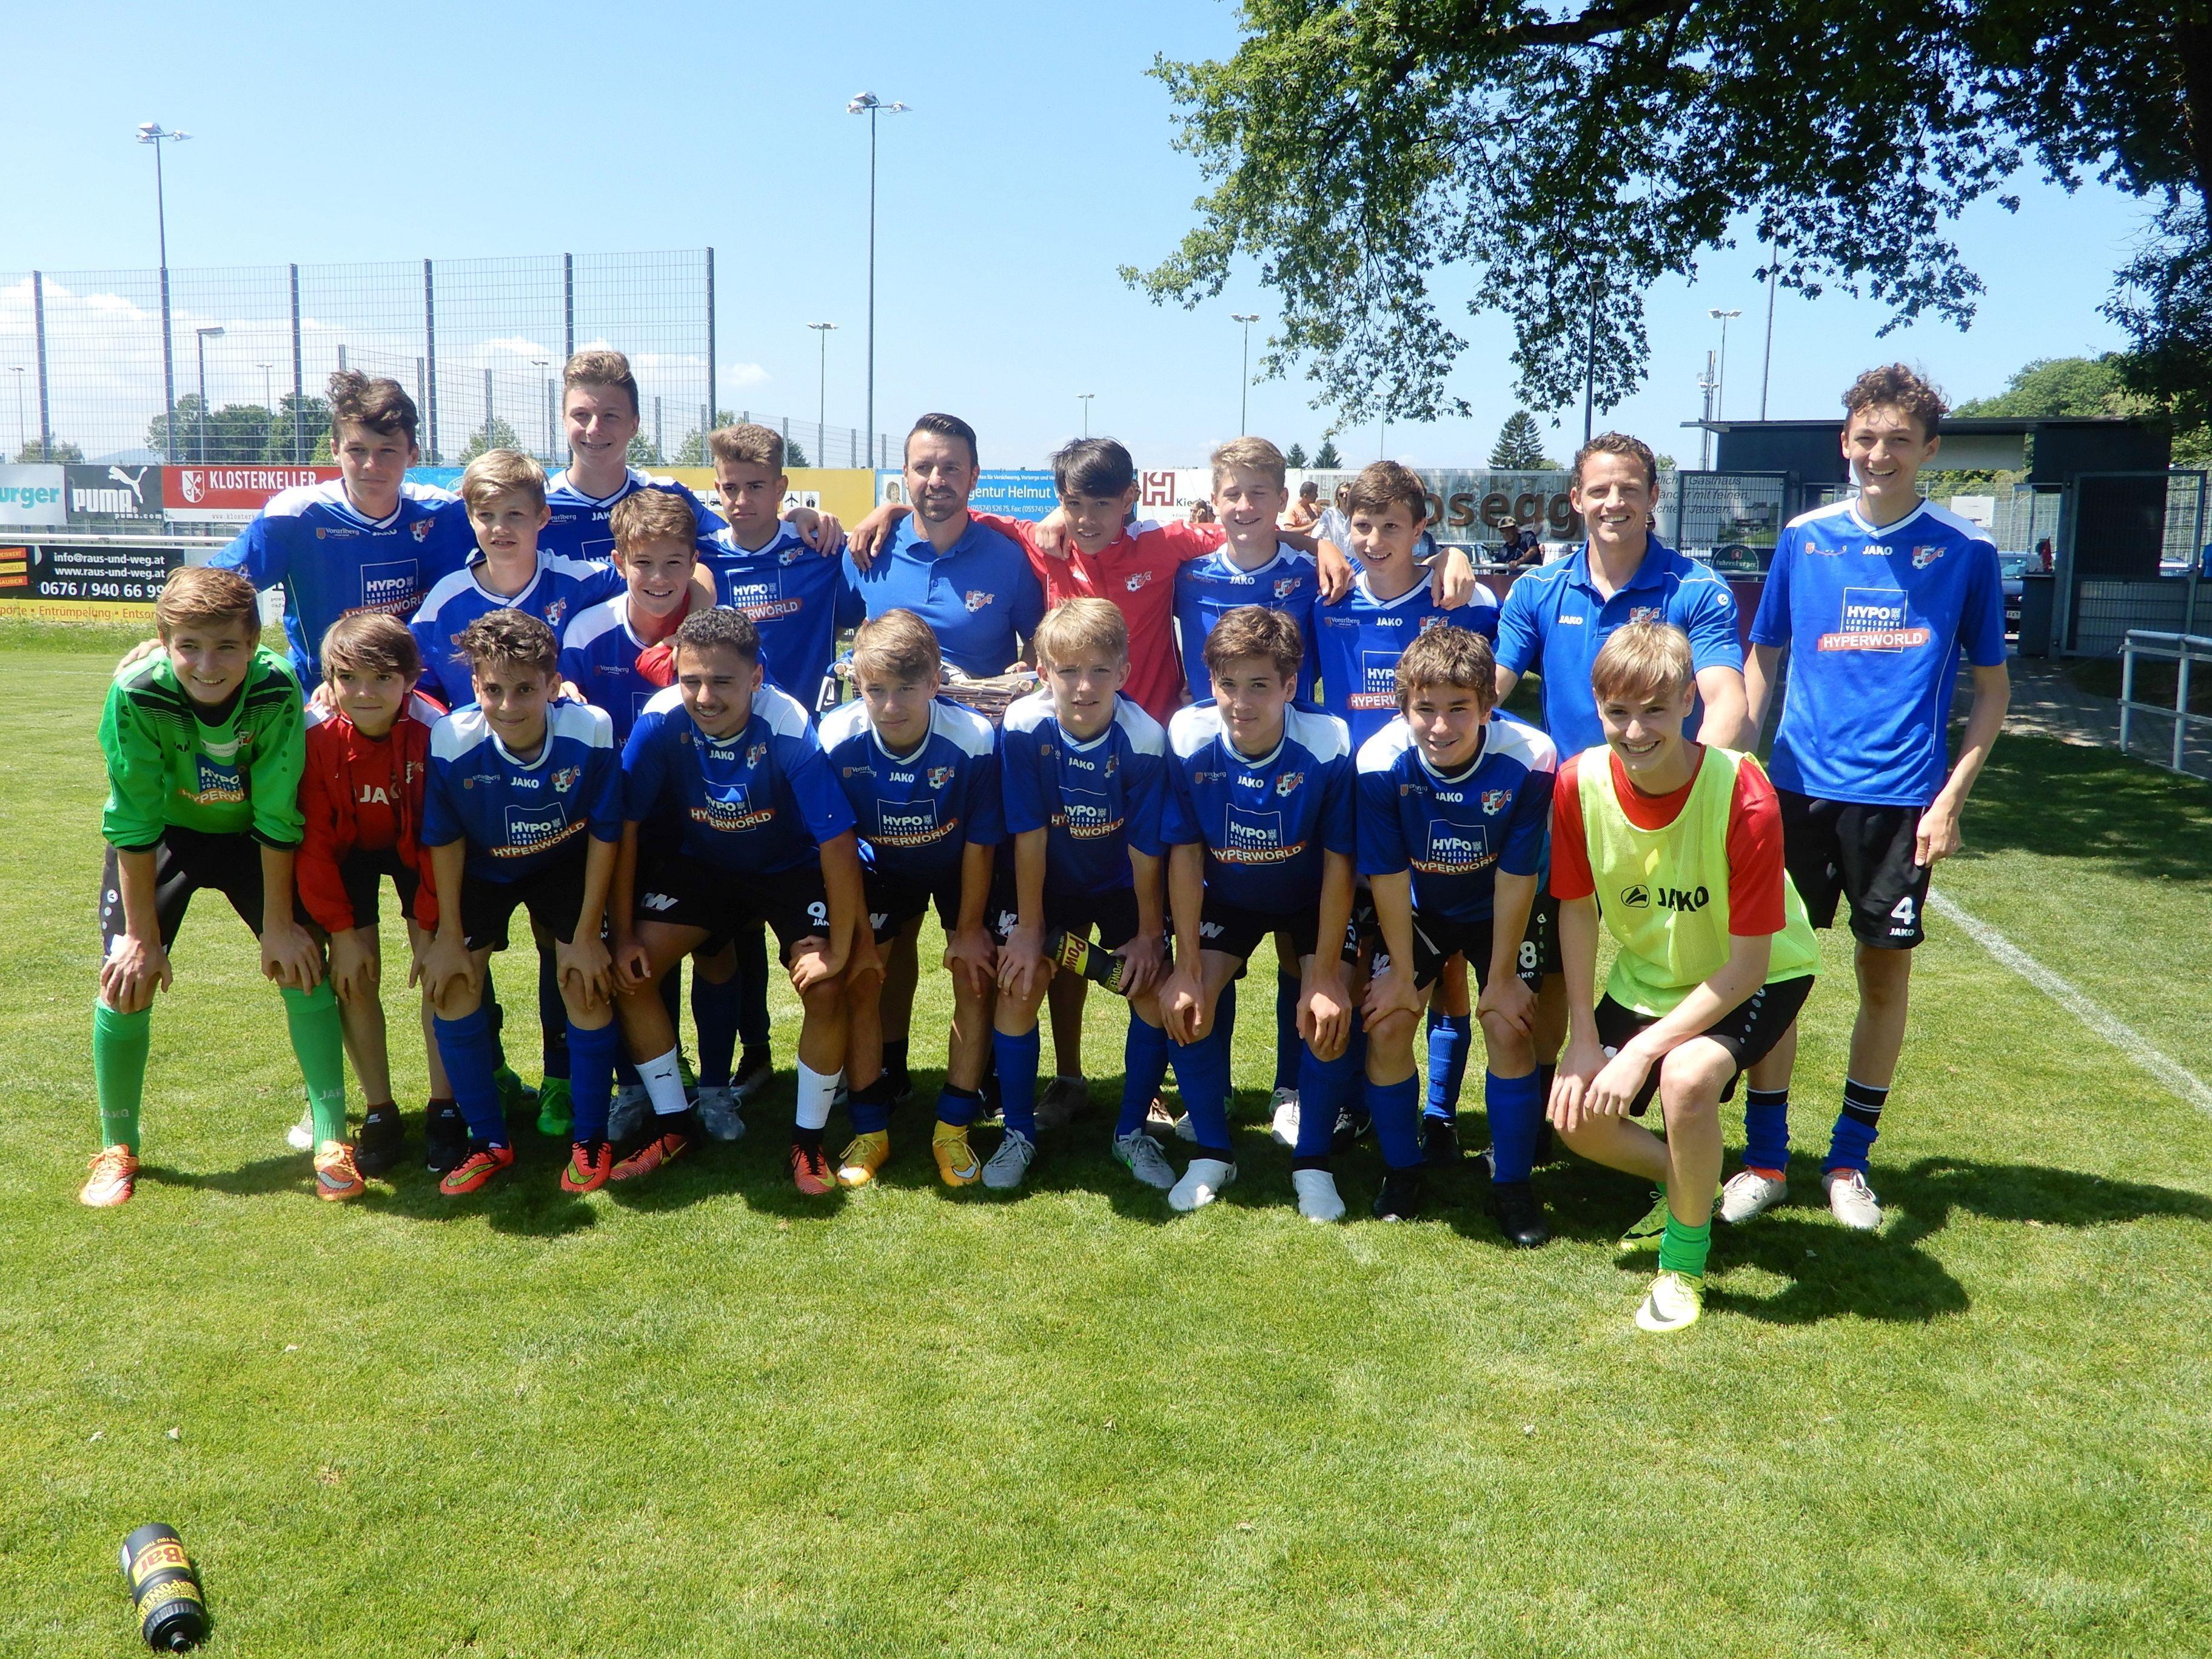 AKA U15-Trainer Klaus Nussbaumer freute sich mit seinen Jungs über ein gelungenes Saisonfinale mit einem Sieg gegen St. Pölten.